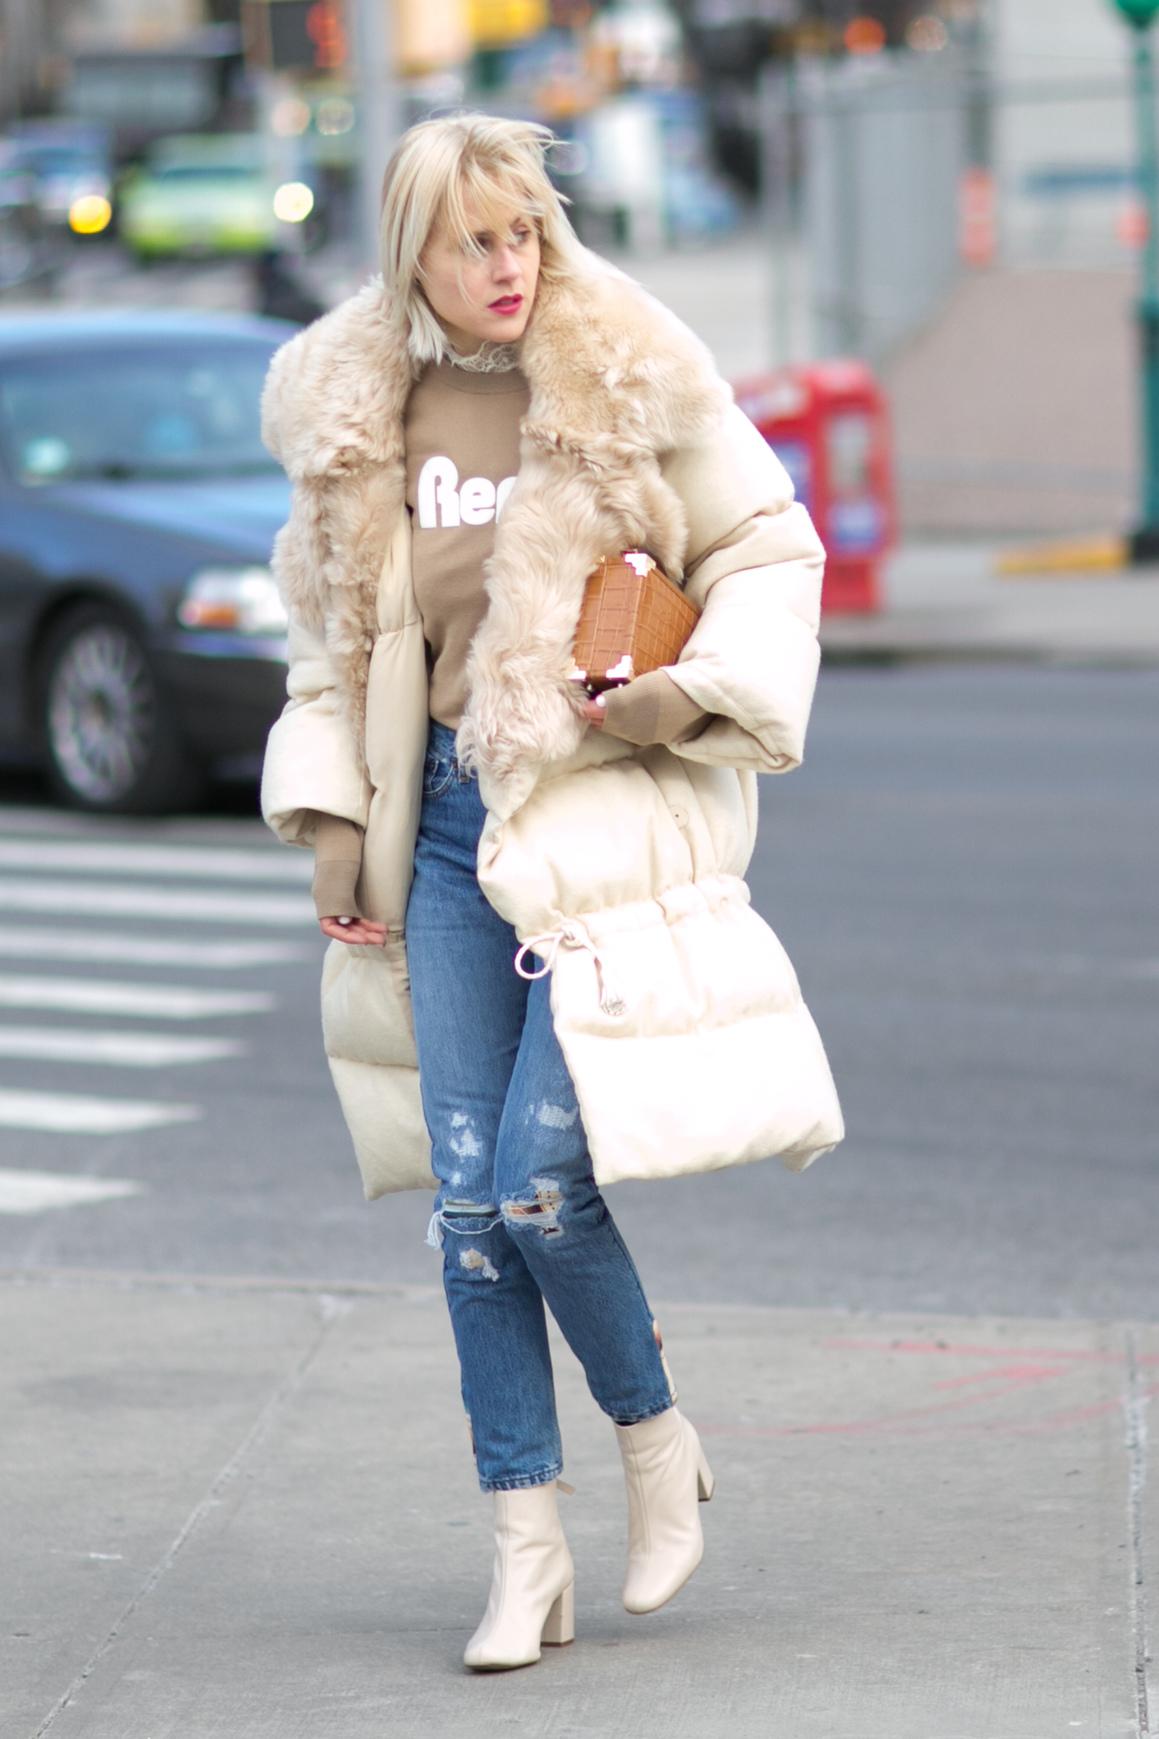 Pikowana kurtka świetnie pasuje do obcisłych jeansów